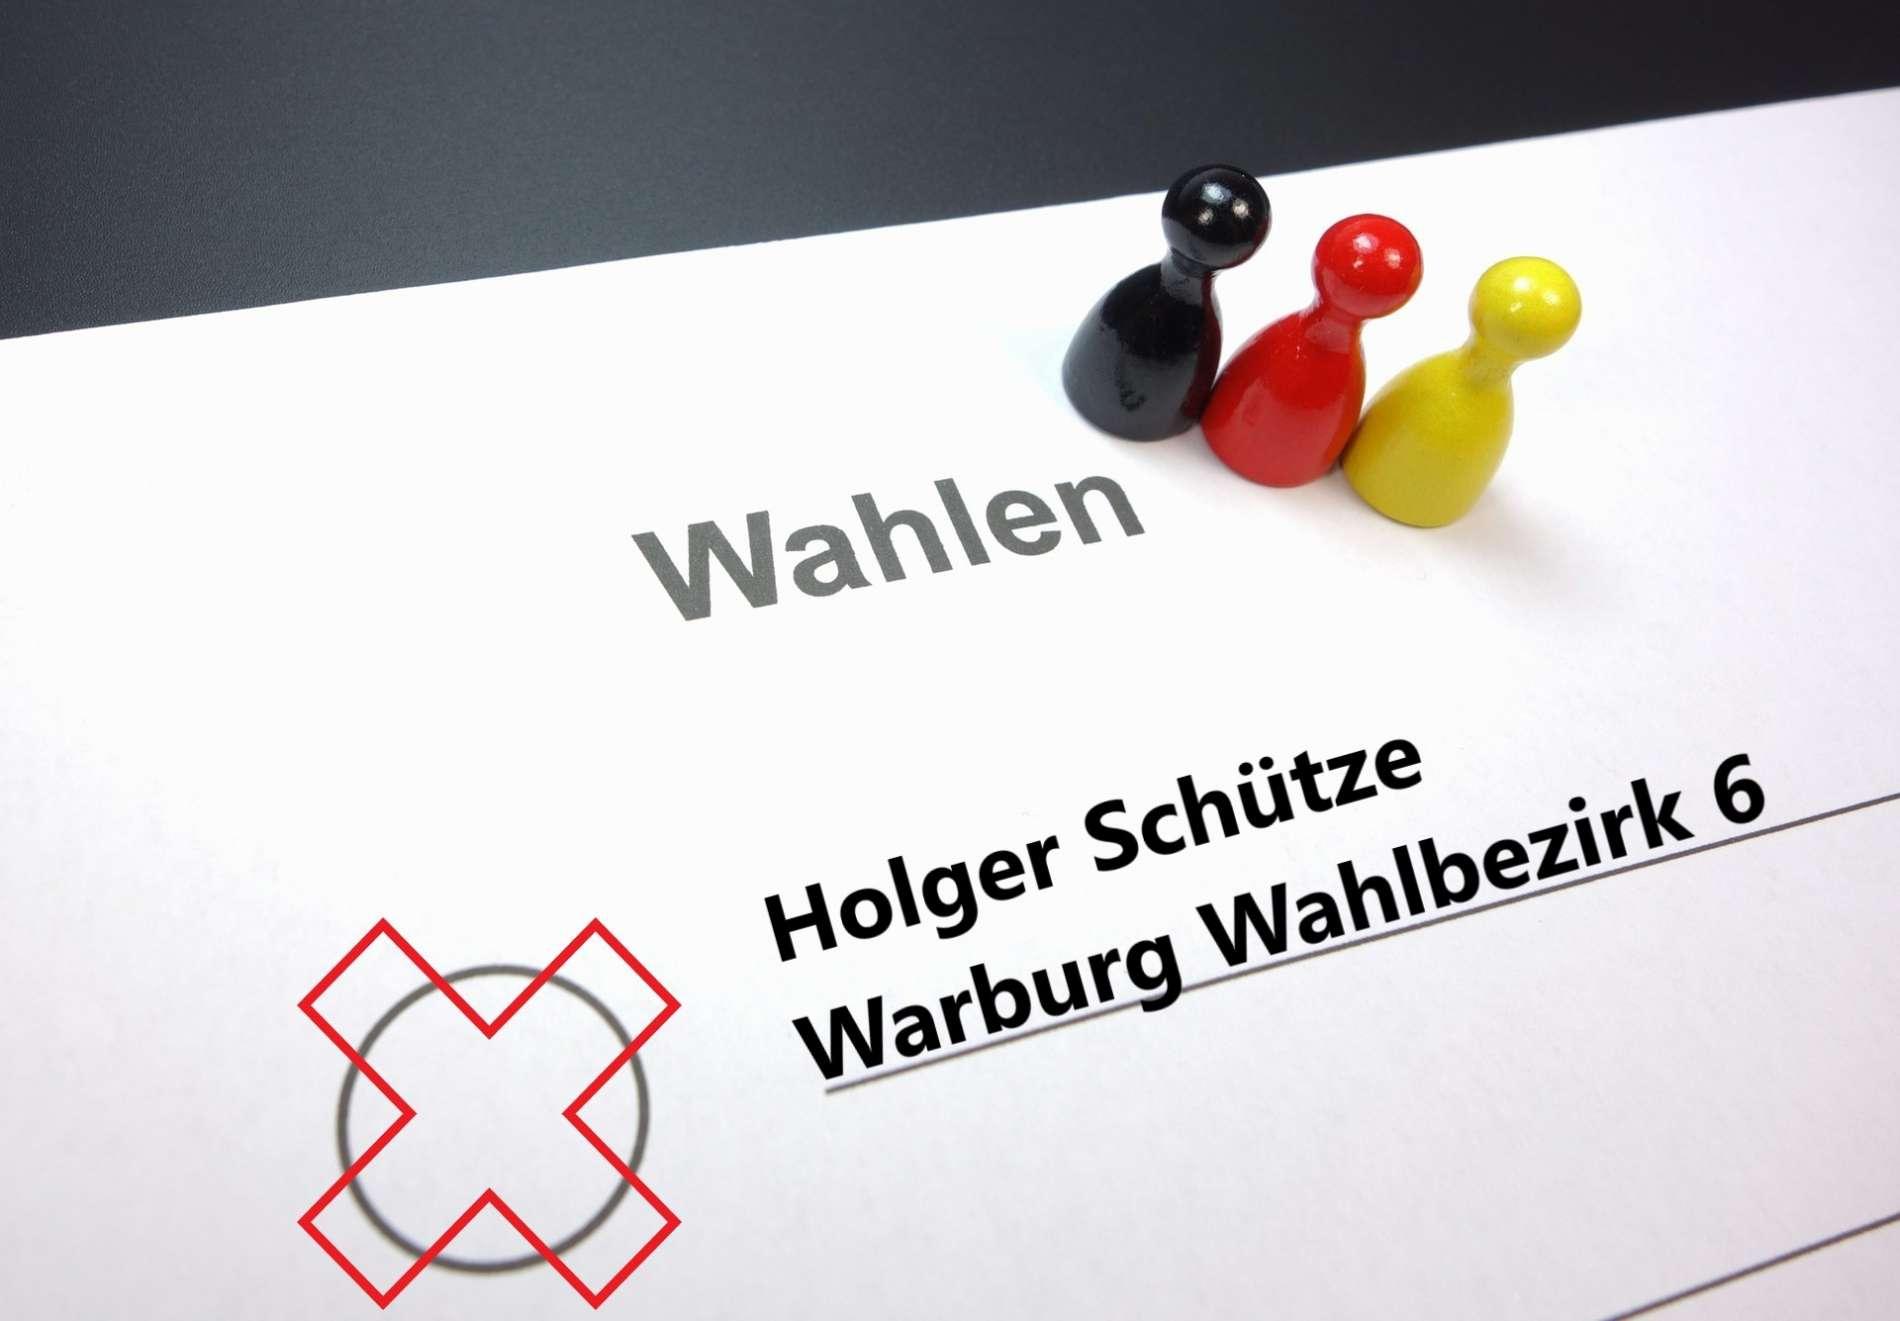 Kommunalwahlen / Gemeinderatswahlen in Warburg: Holger Schütze tritt im Wahlbezirk 6 an